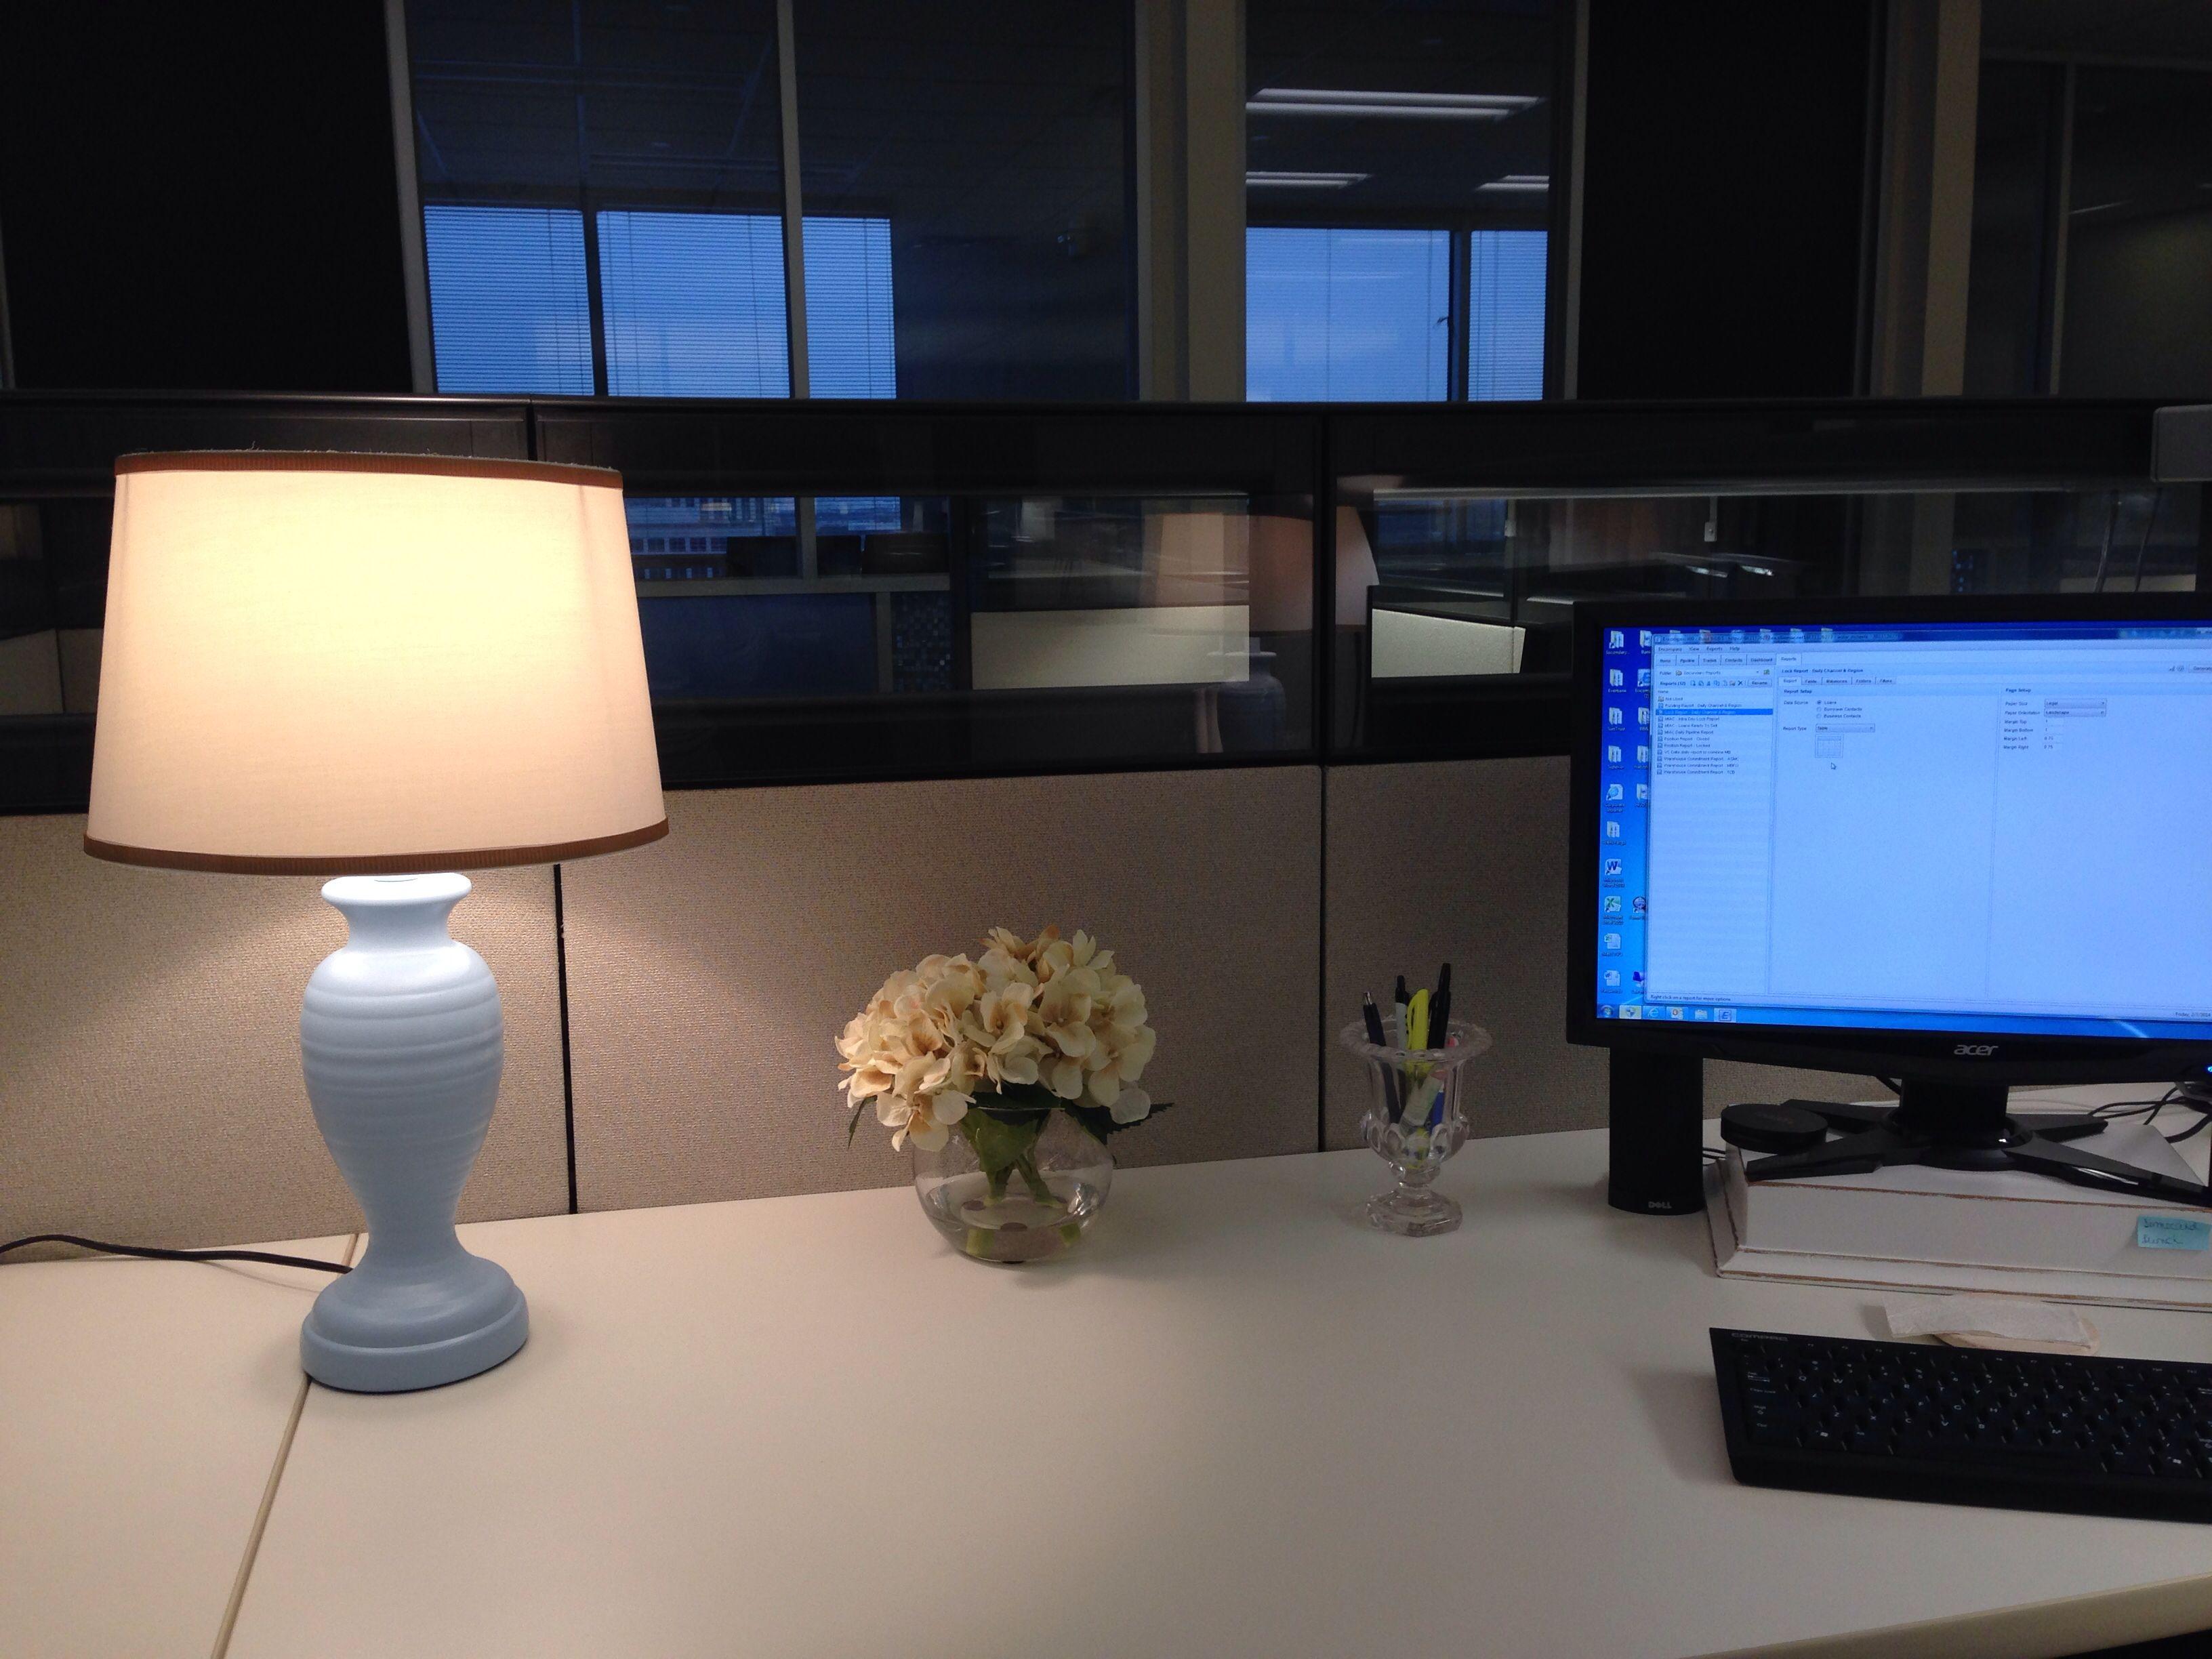 Pinterest workplace cubicle decor joy studio design for Cubicle ideas